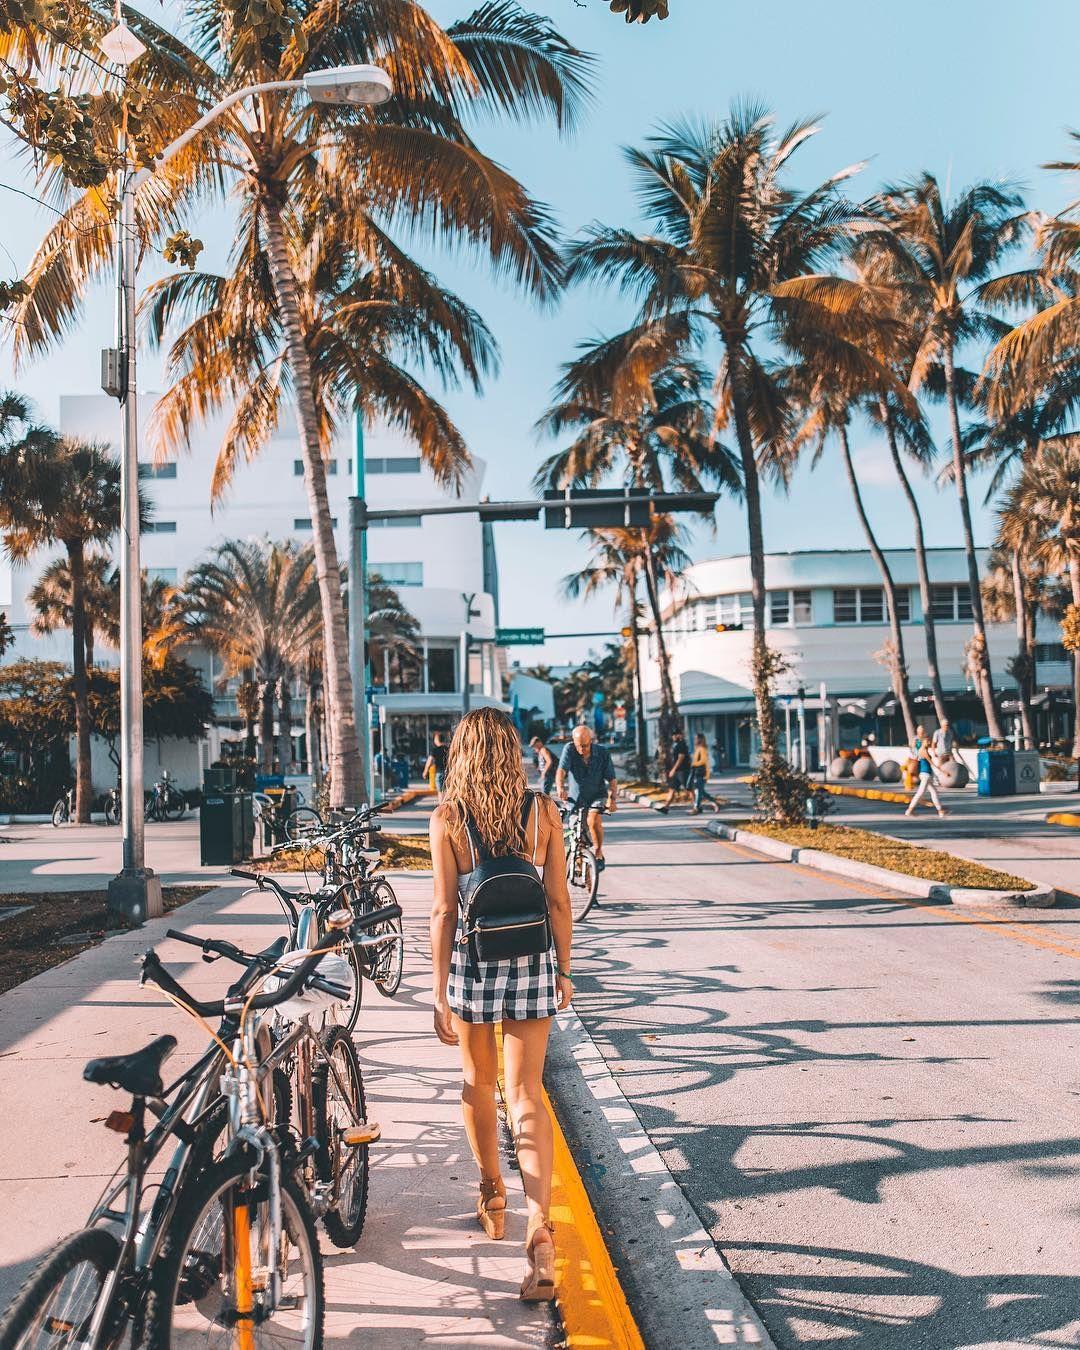 Risultati immagini per South Beach – Miami, Florida, USA instagram